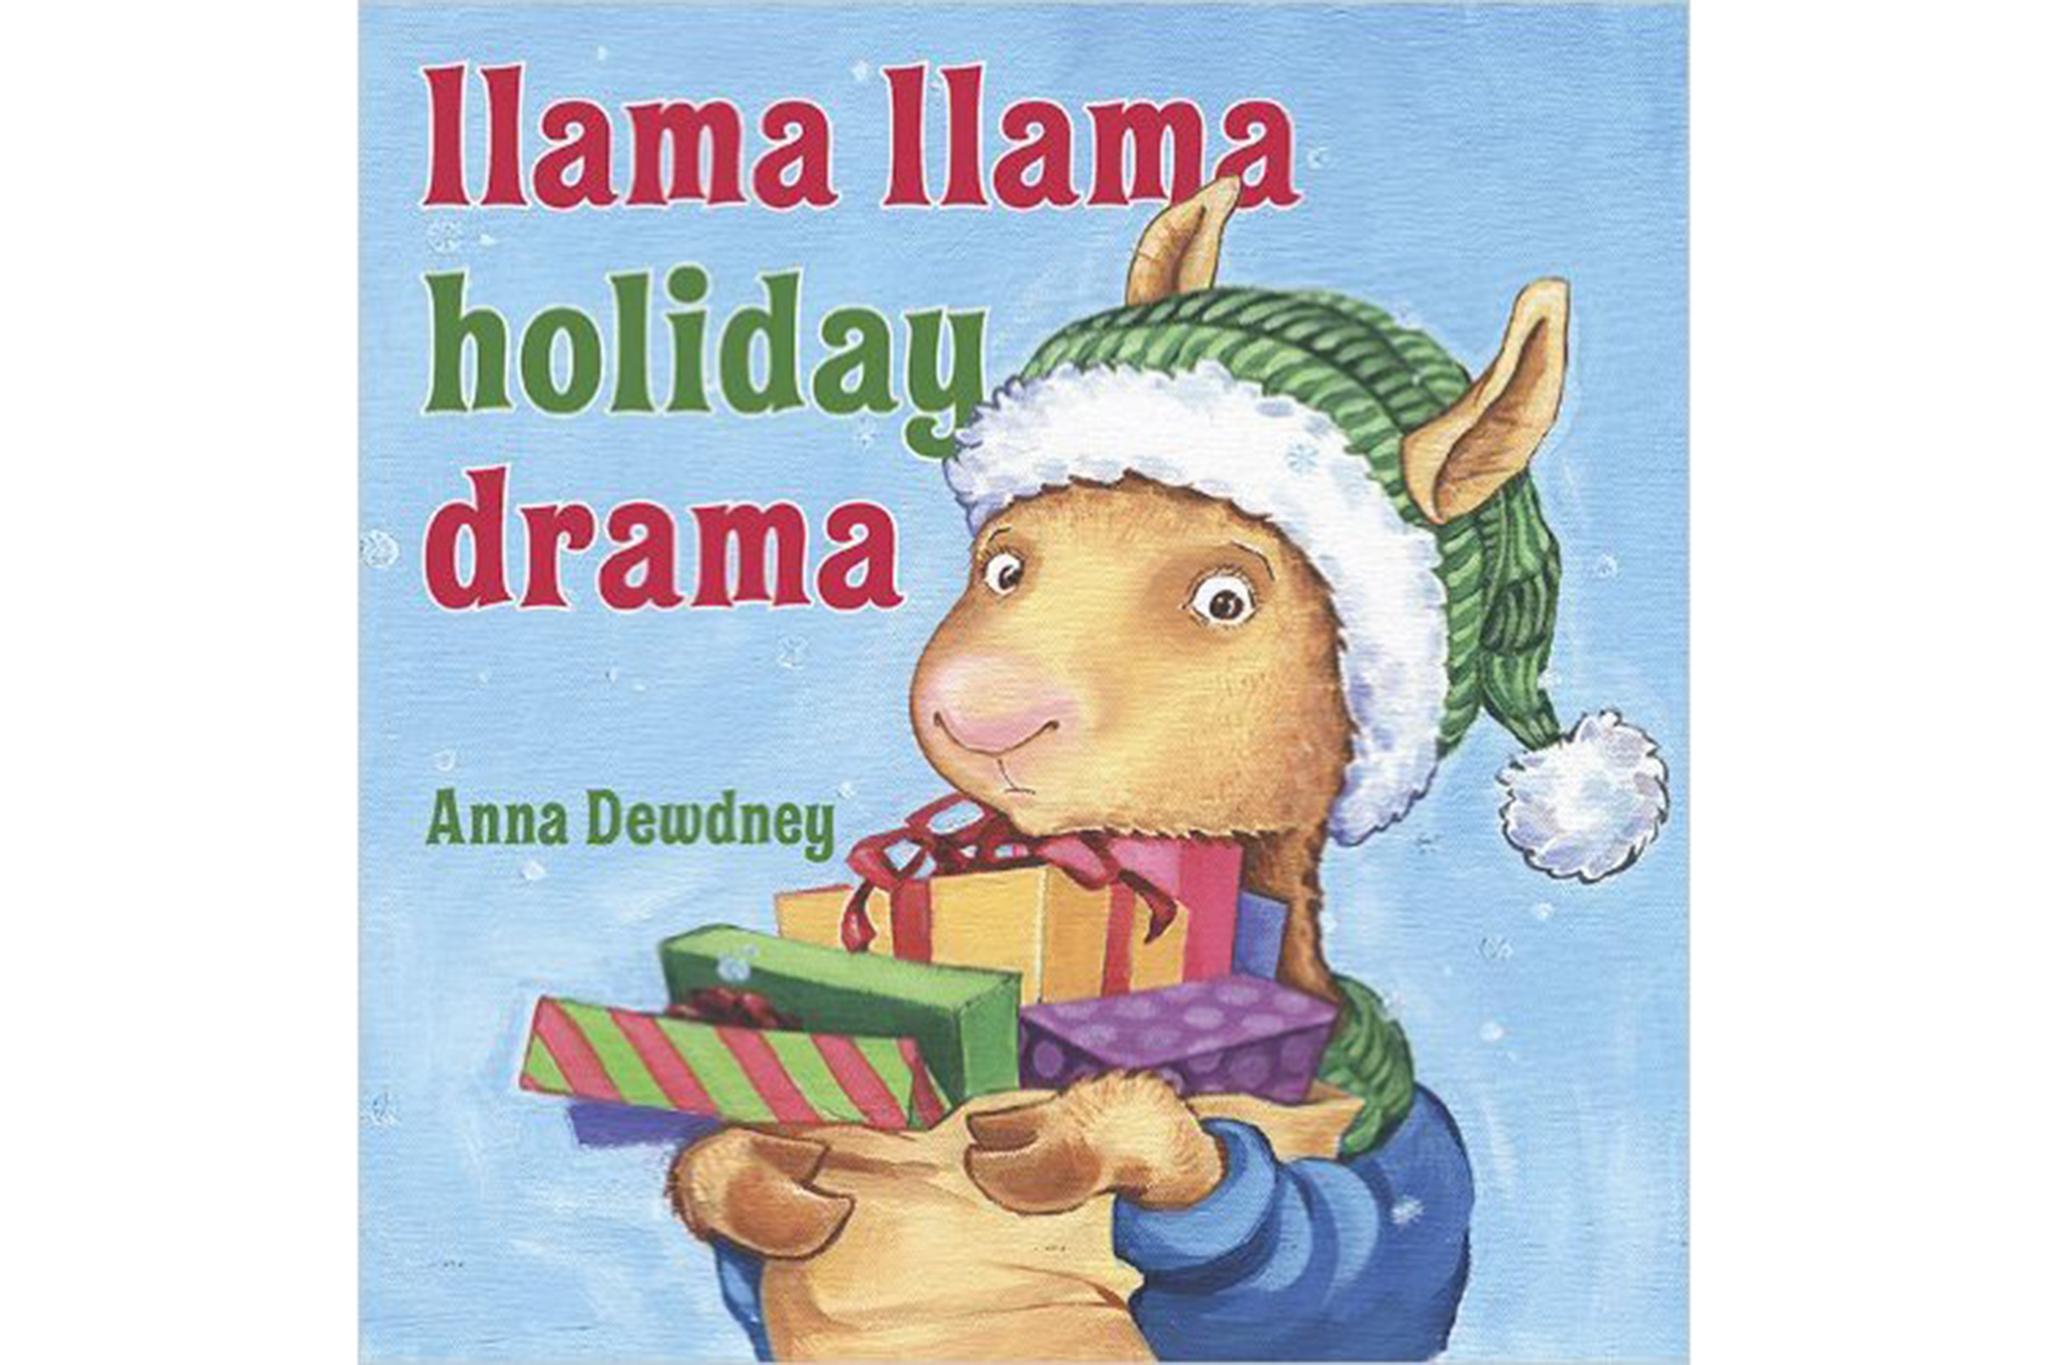 Llama Llama Holiday Drama by Anna Dewdney